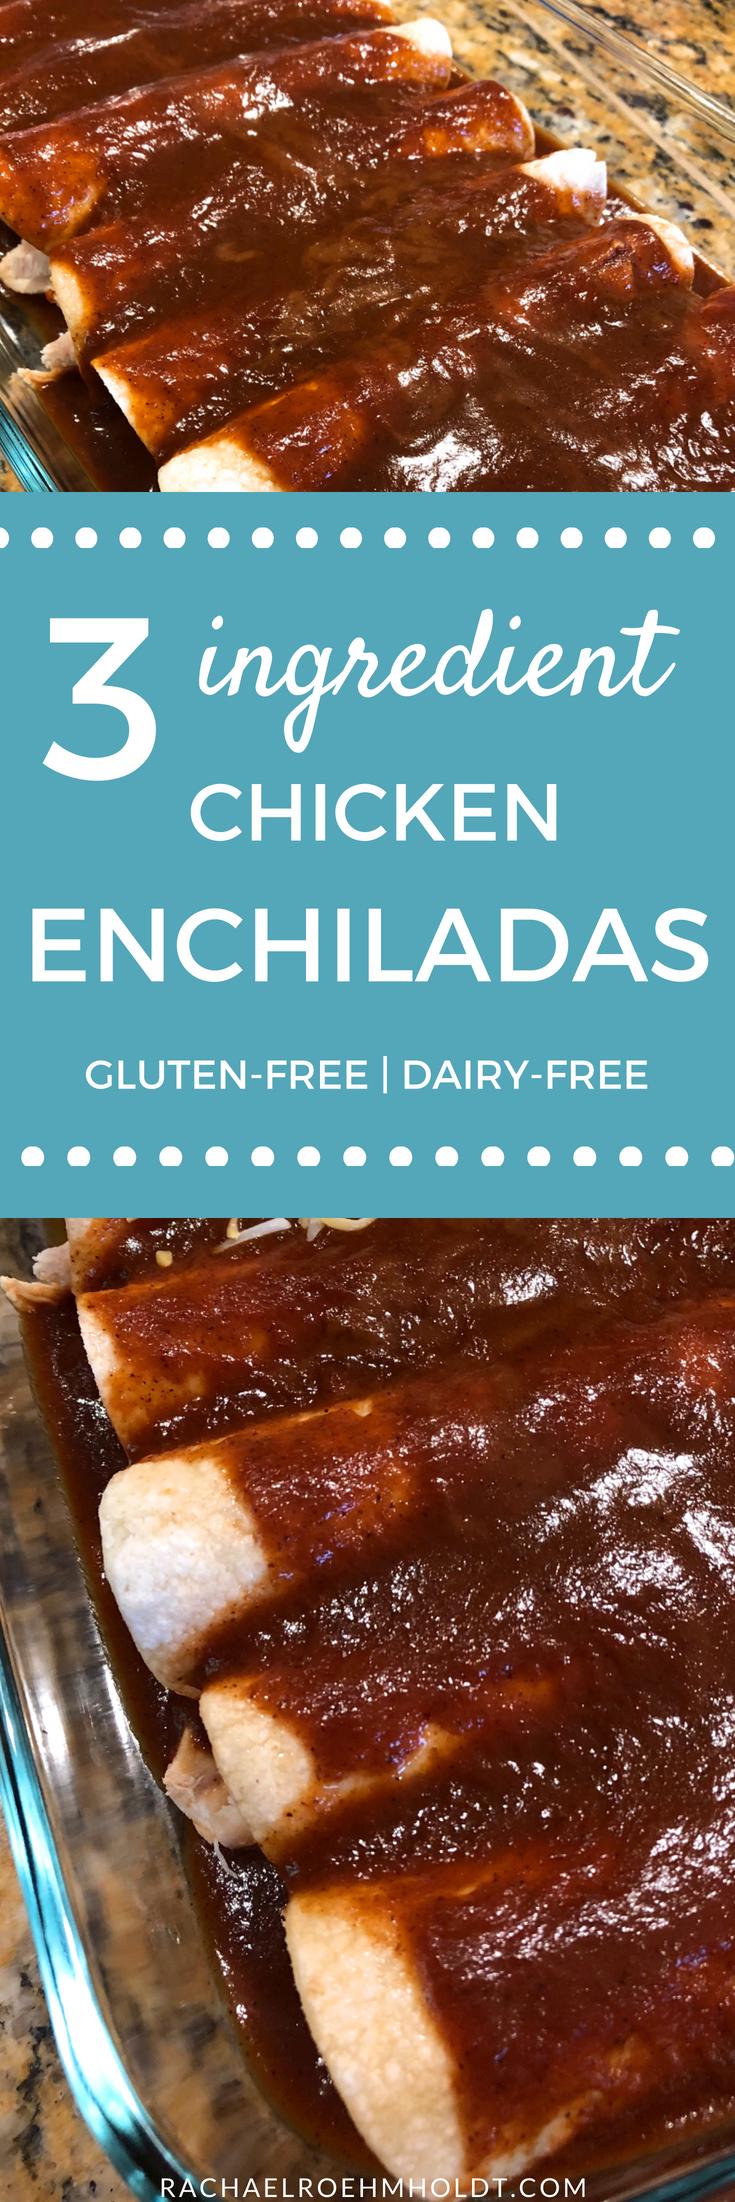 3-ingredient gluten-free dairy-free Chicken Enchiladas